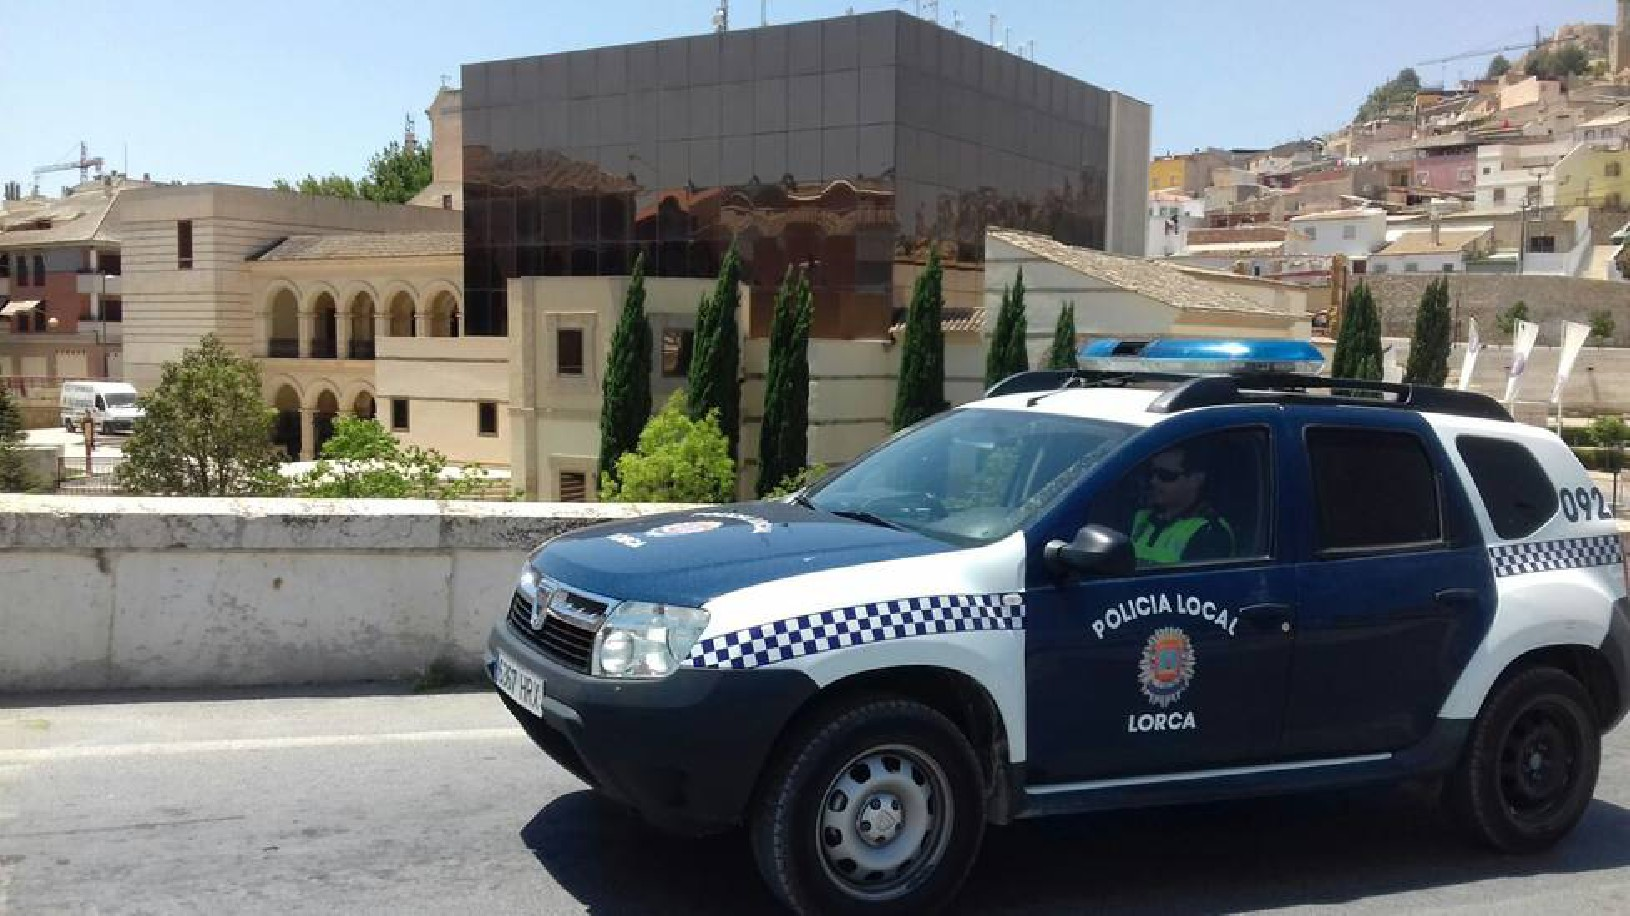 La Policía Local de Lorca interpone 342 denuncias por incumplir el uso obligatorio de la mascarilla